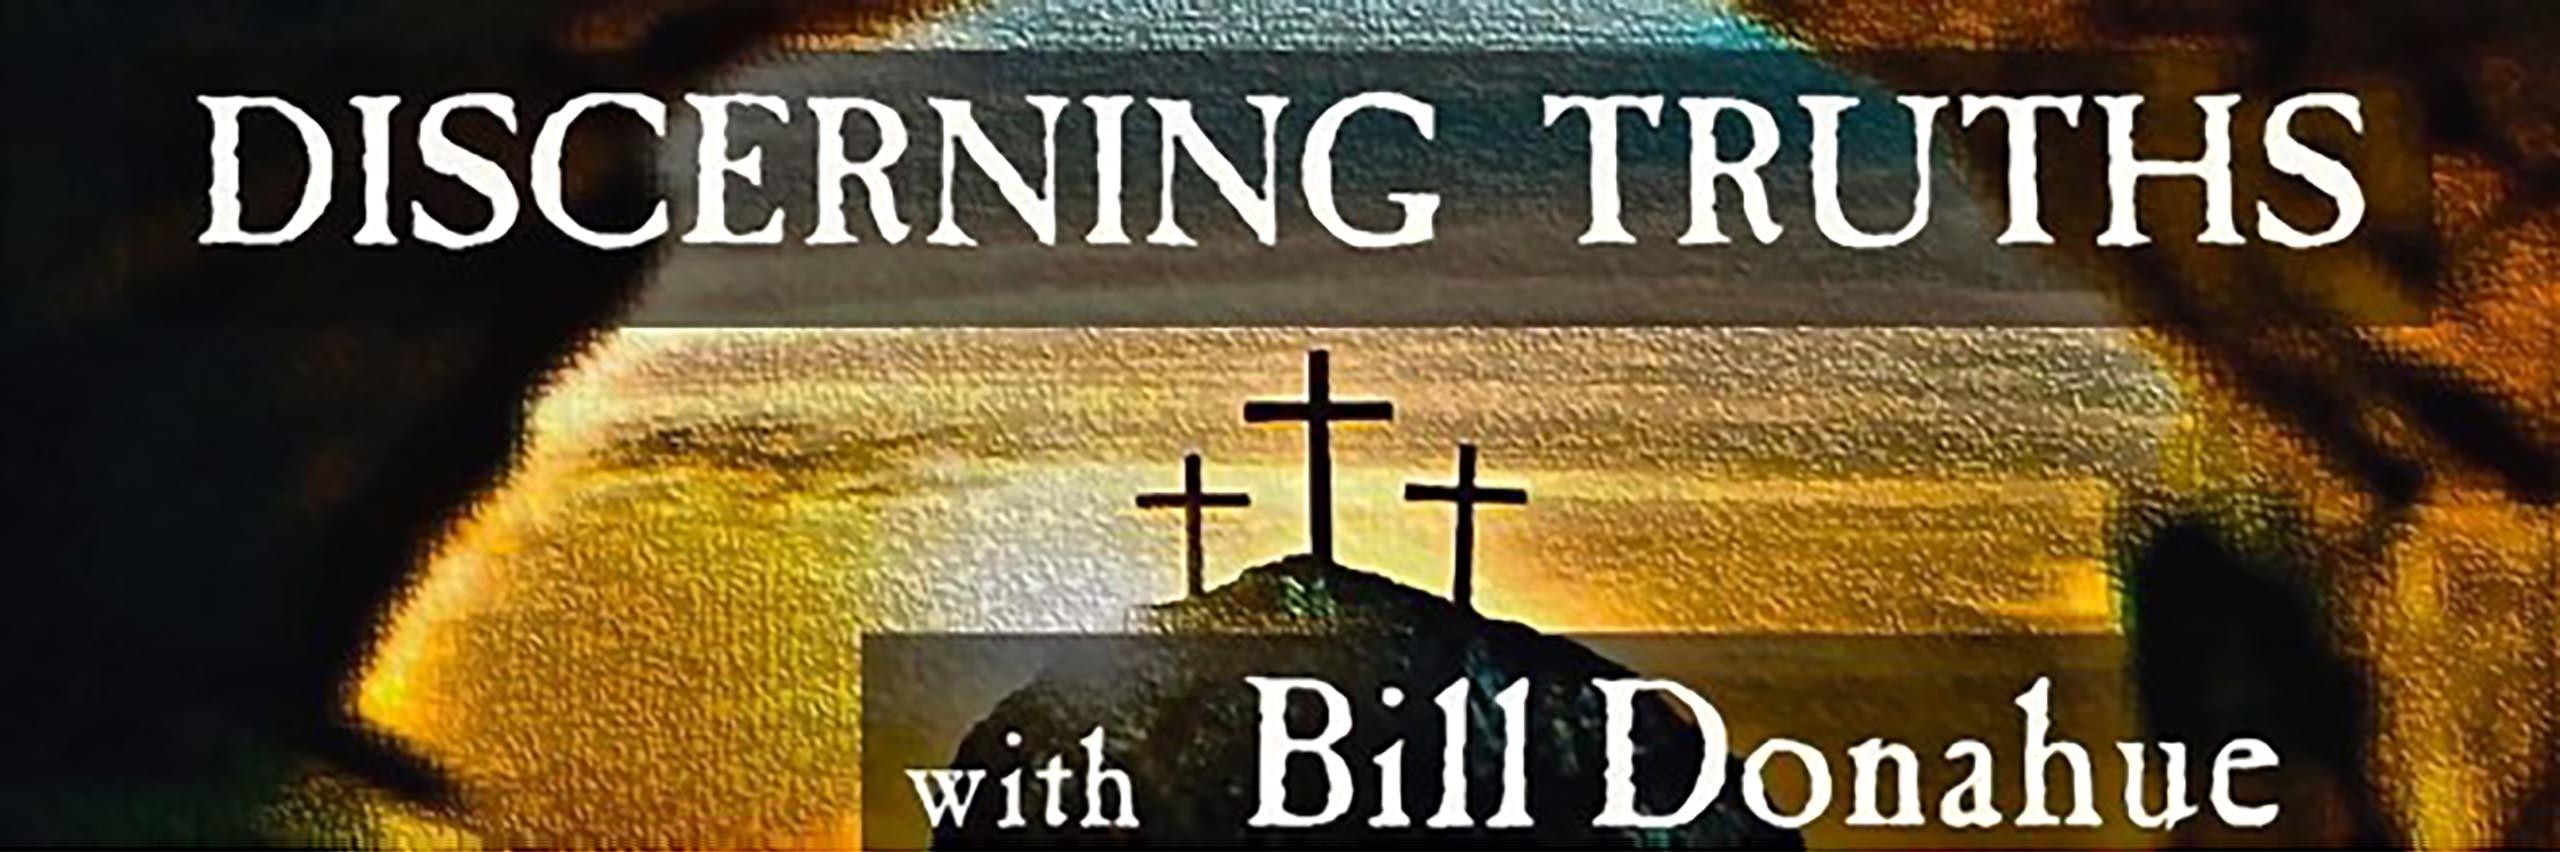 discerning_truth-header02